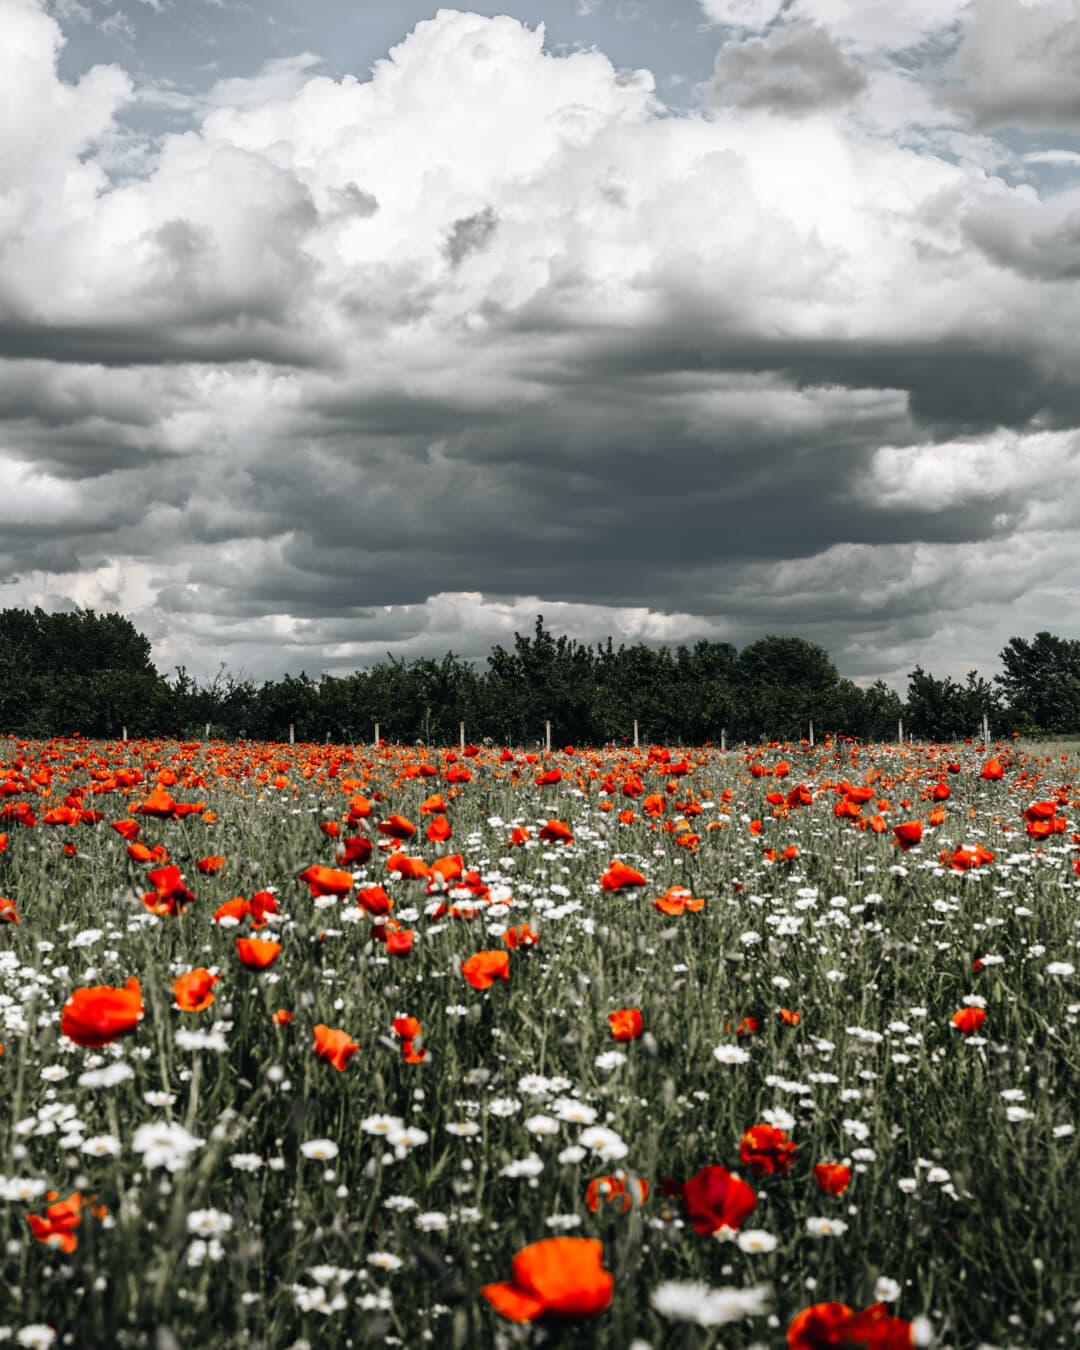 Schlafmohn, idyllisch, Ackerland, Landwirtschaft, Frühling, Blume, Mohn, Feld, Blumen, Anlage